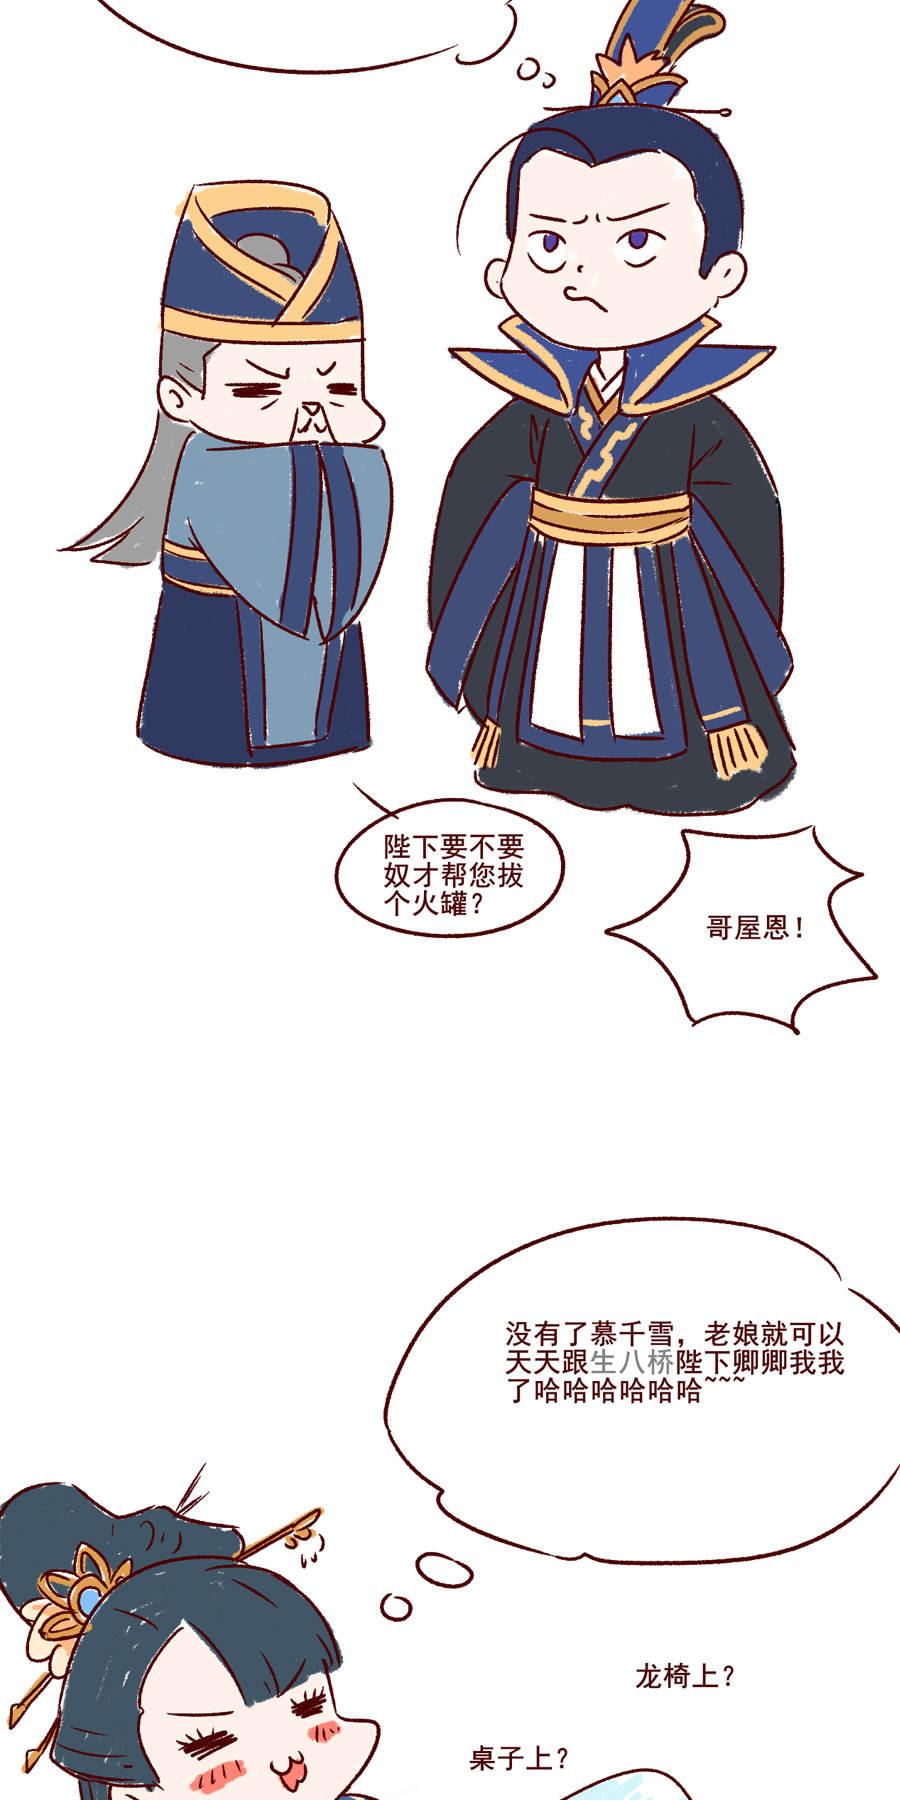 盛世帝王妃第25话  这张弓......你还认得吗 第 42